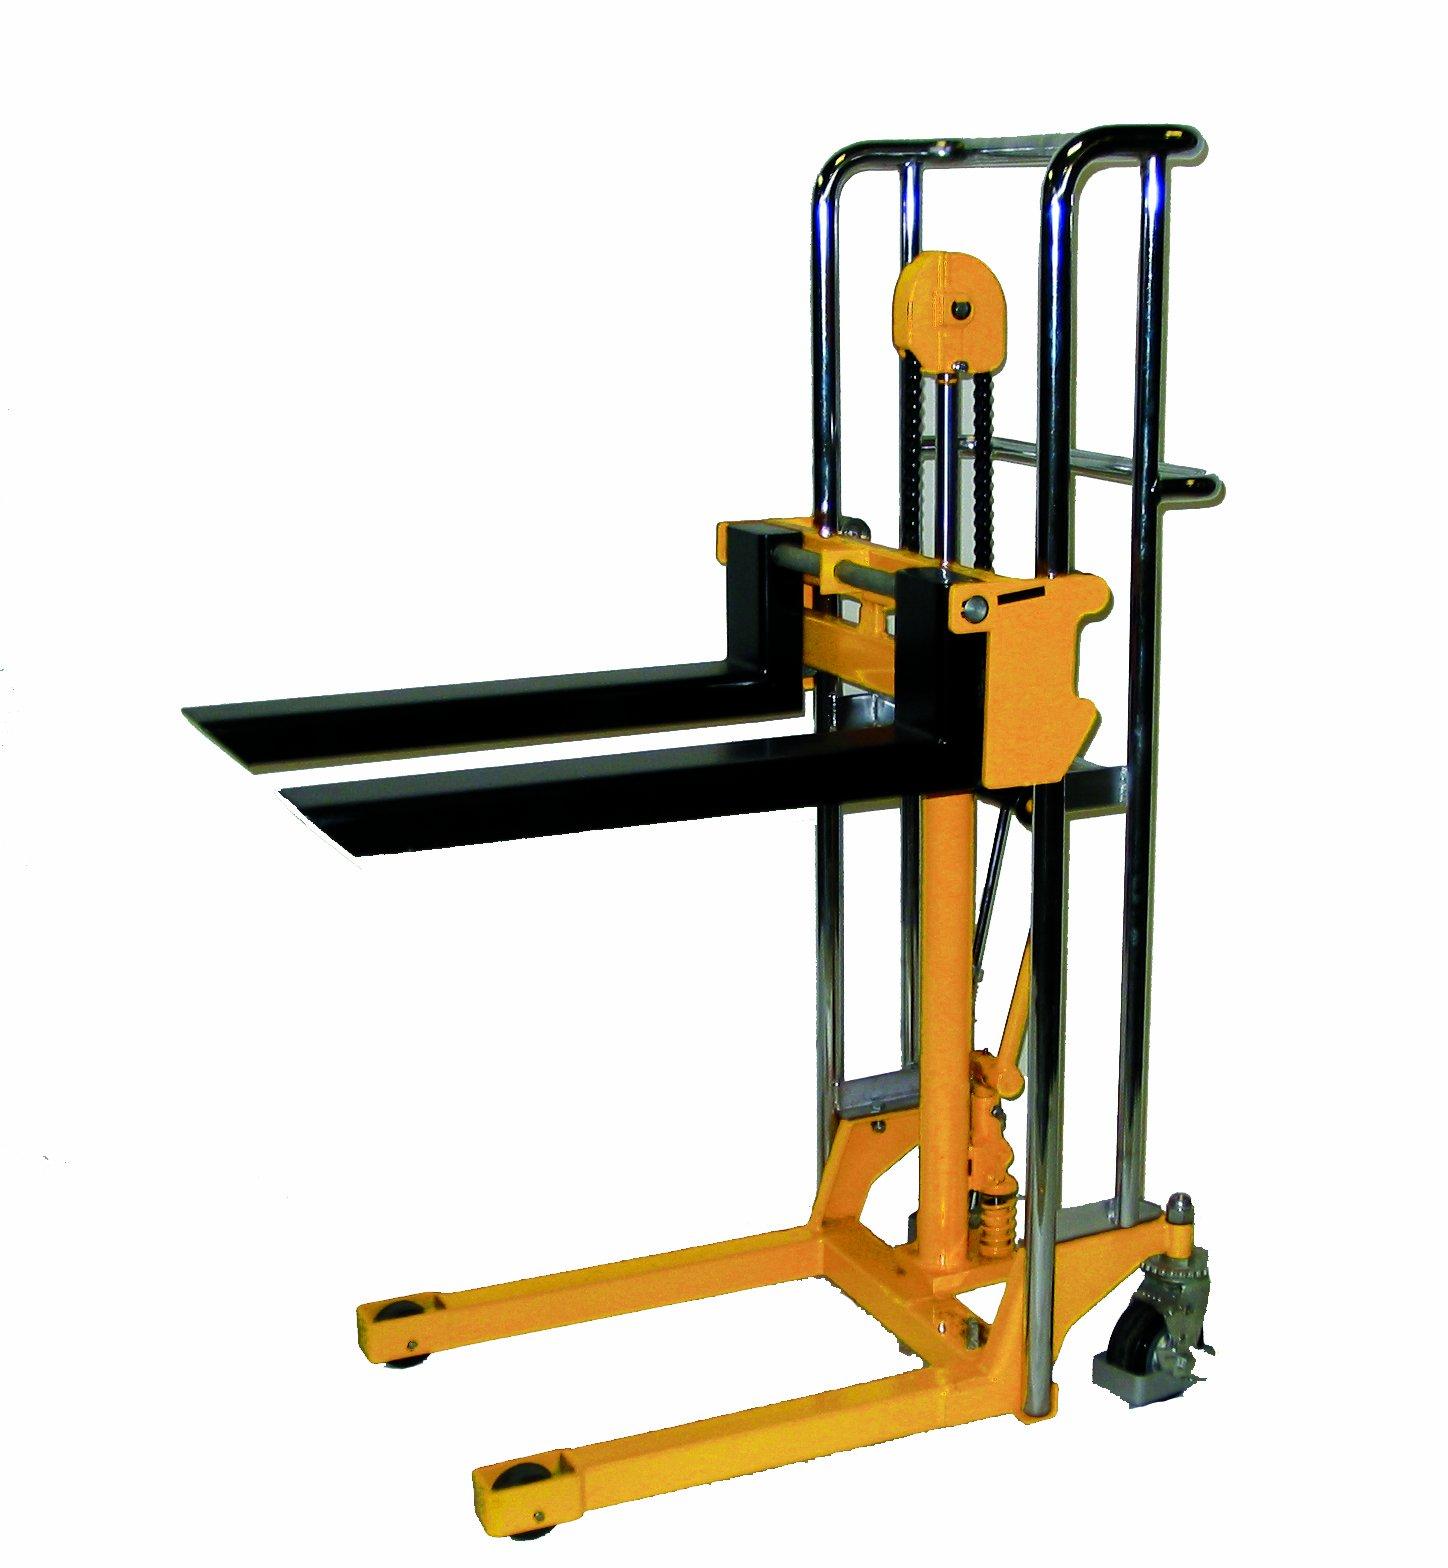 Wesco 272940 Value Lift with Handle, Polyurethane